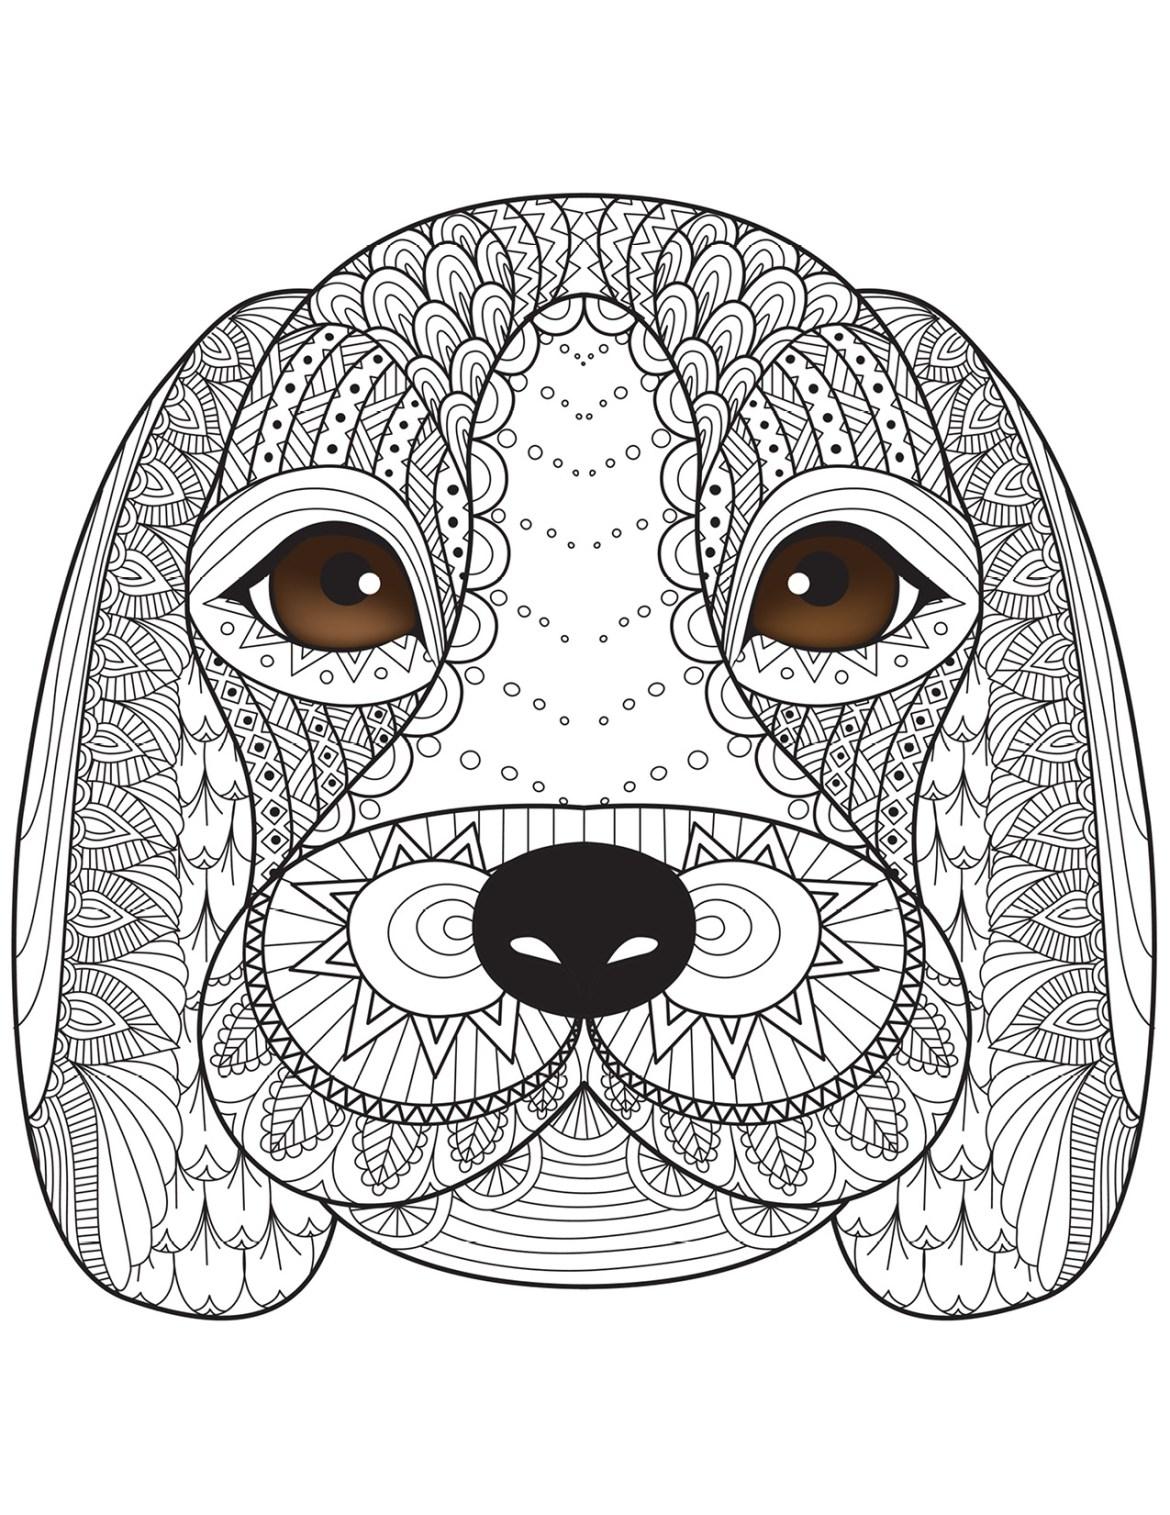 Coloriage de chien par Bimbimkha coloring book pages